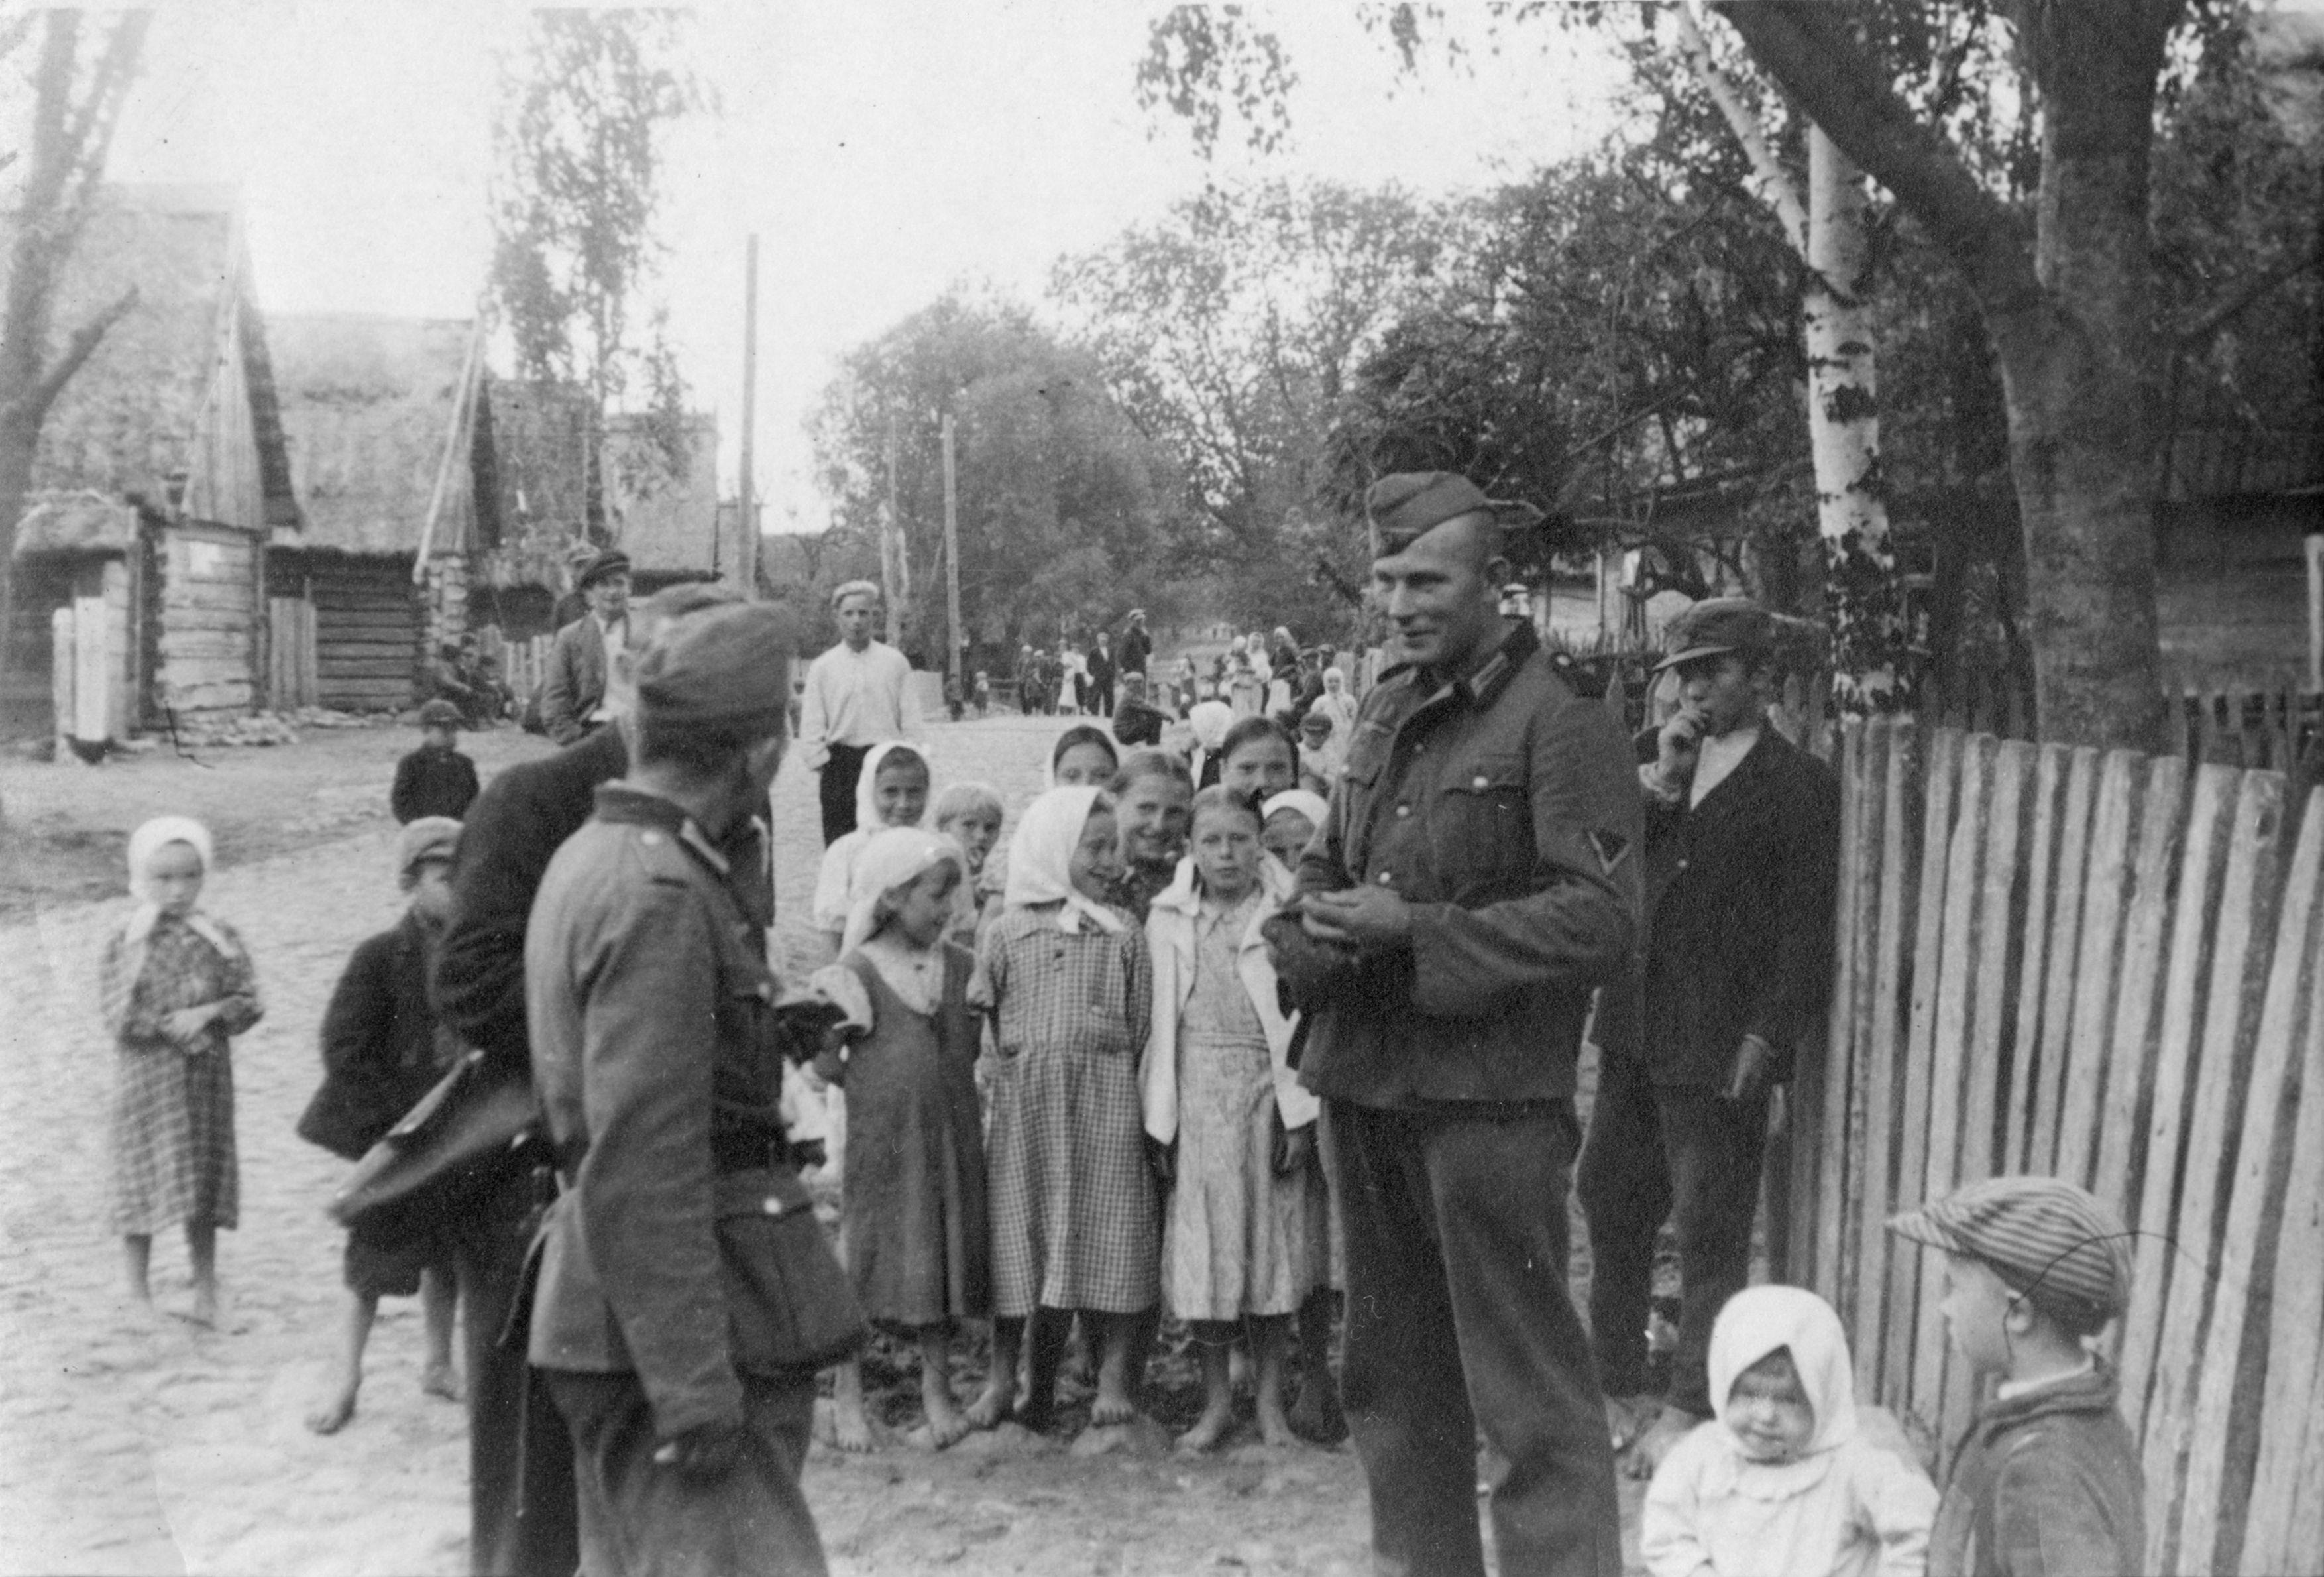 1941. Немецкие солдаты и группа местных детей на деревенской улице